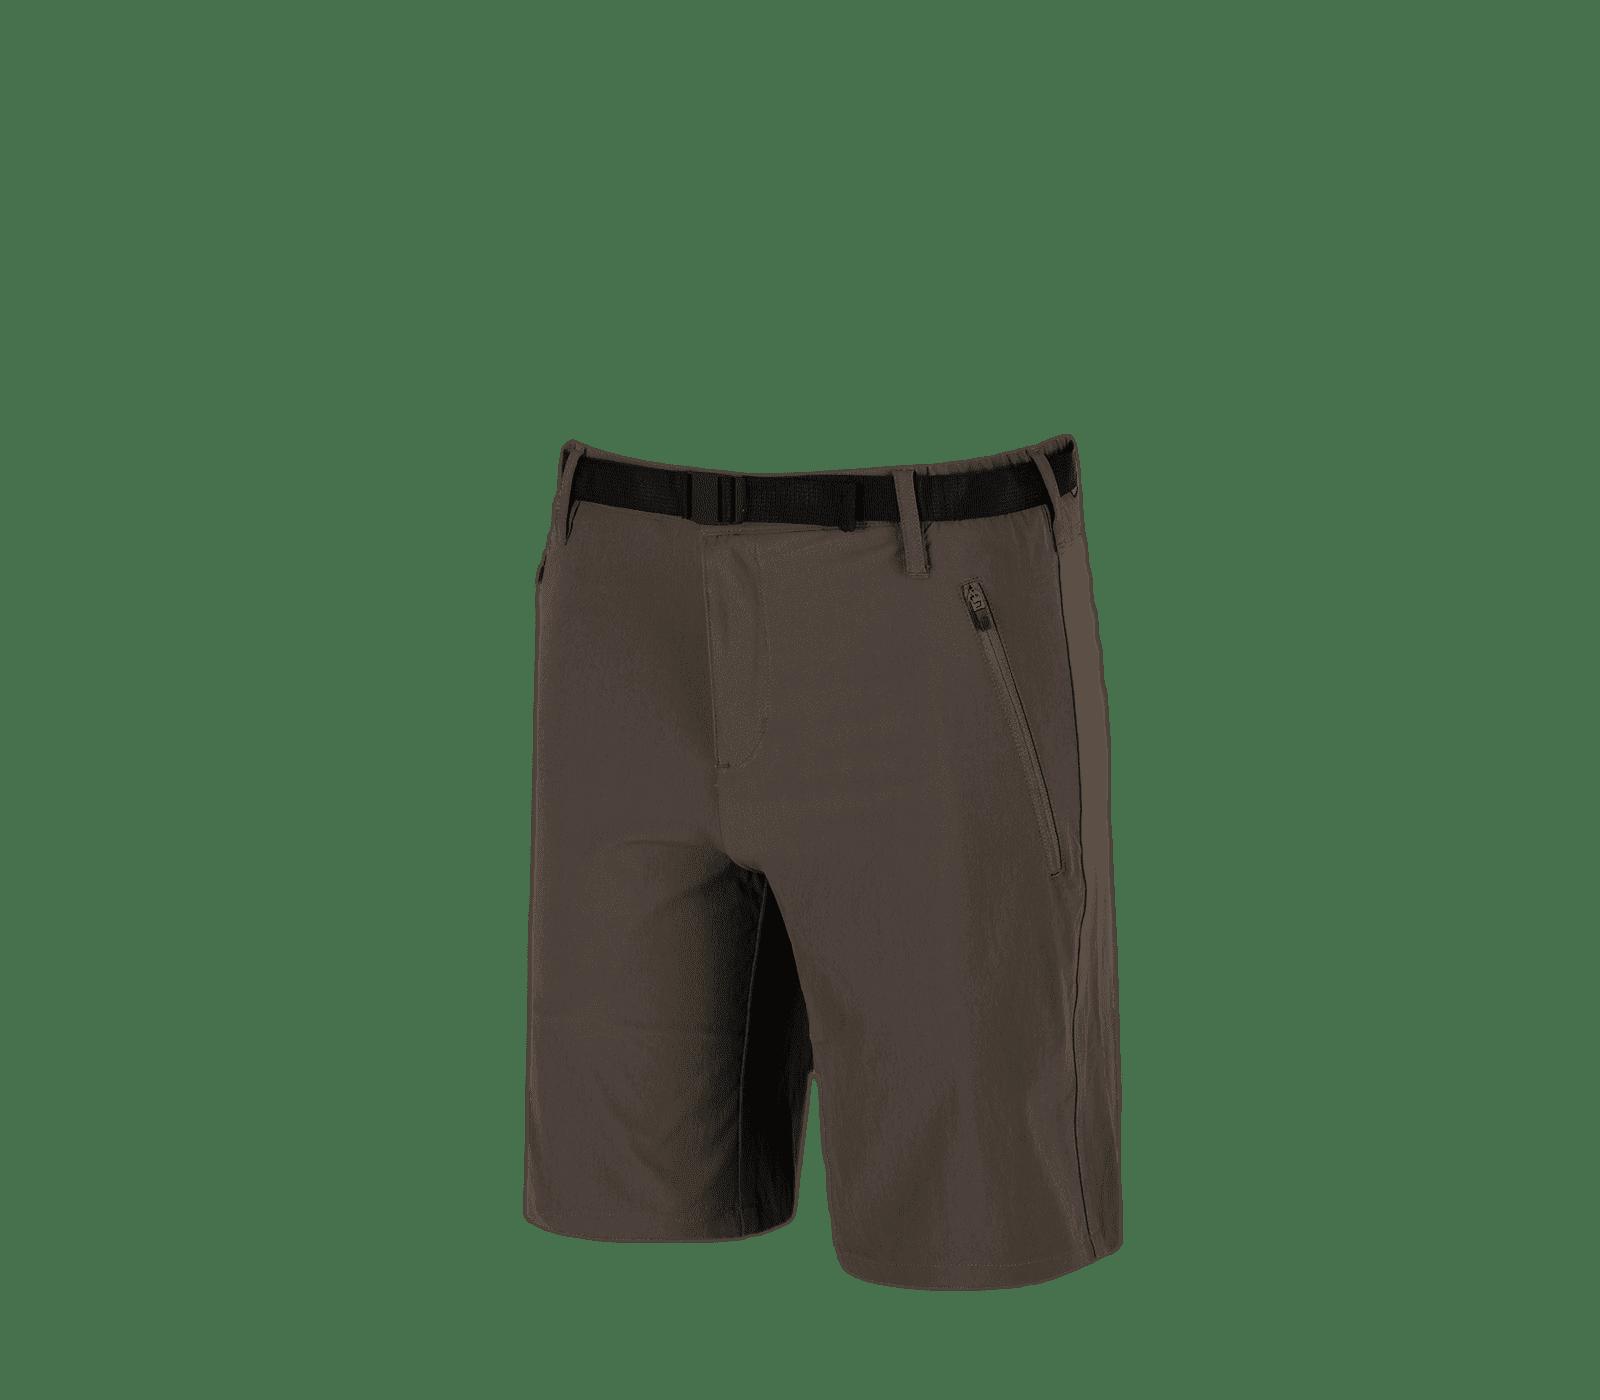 Short xert ii